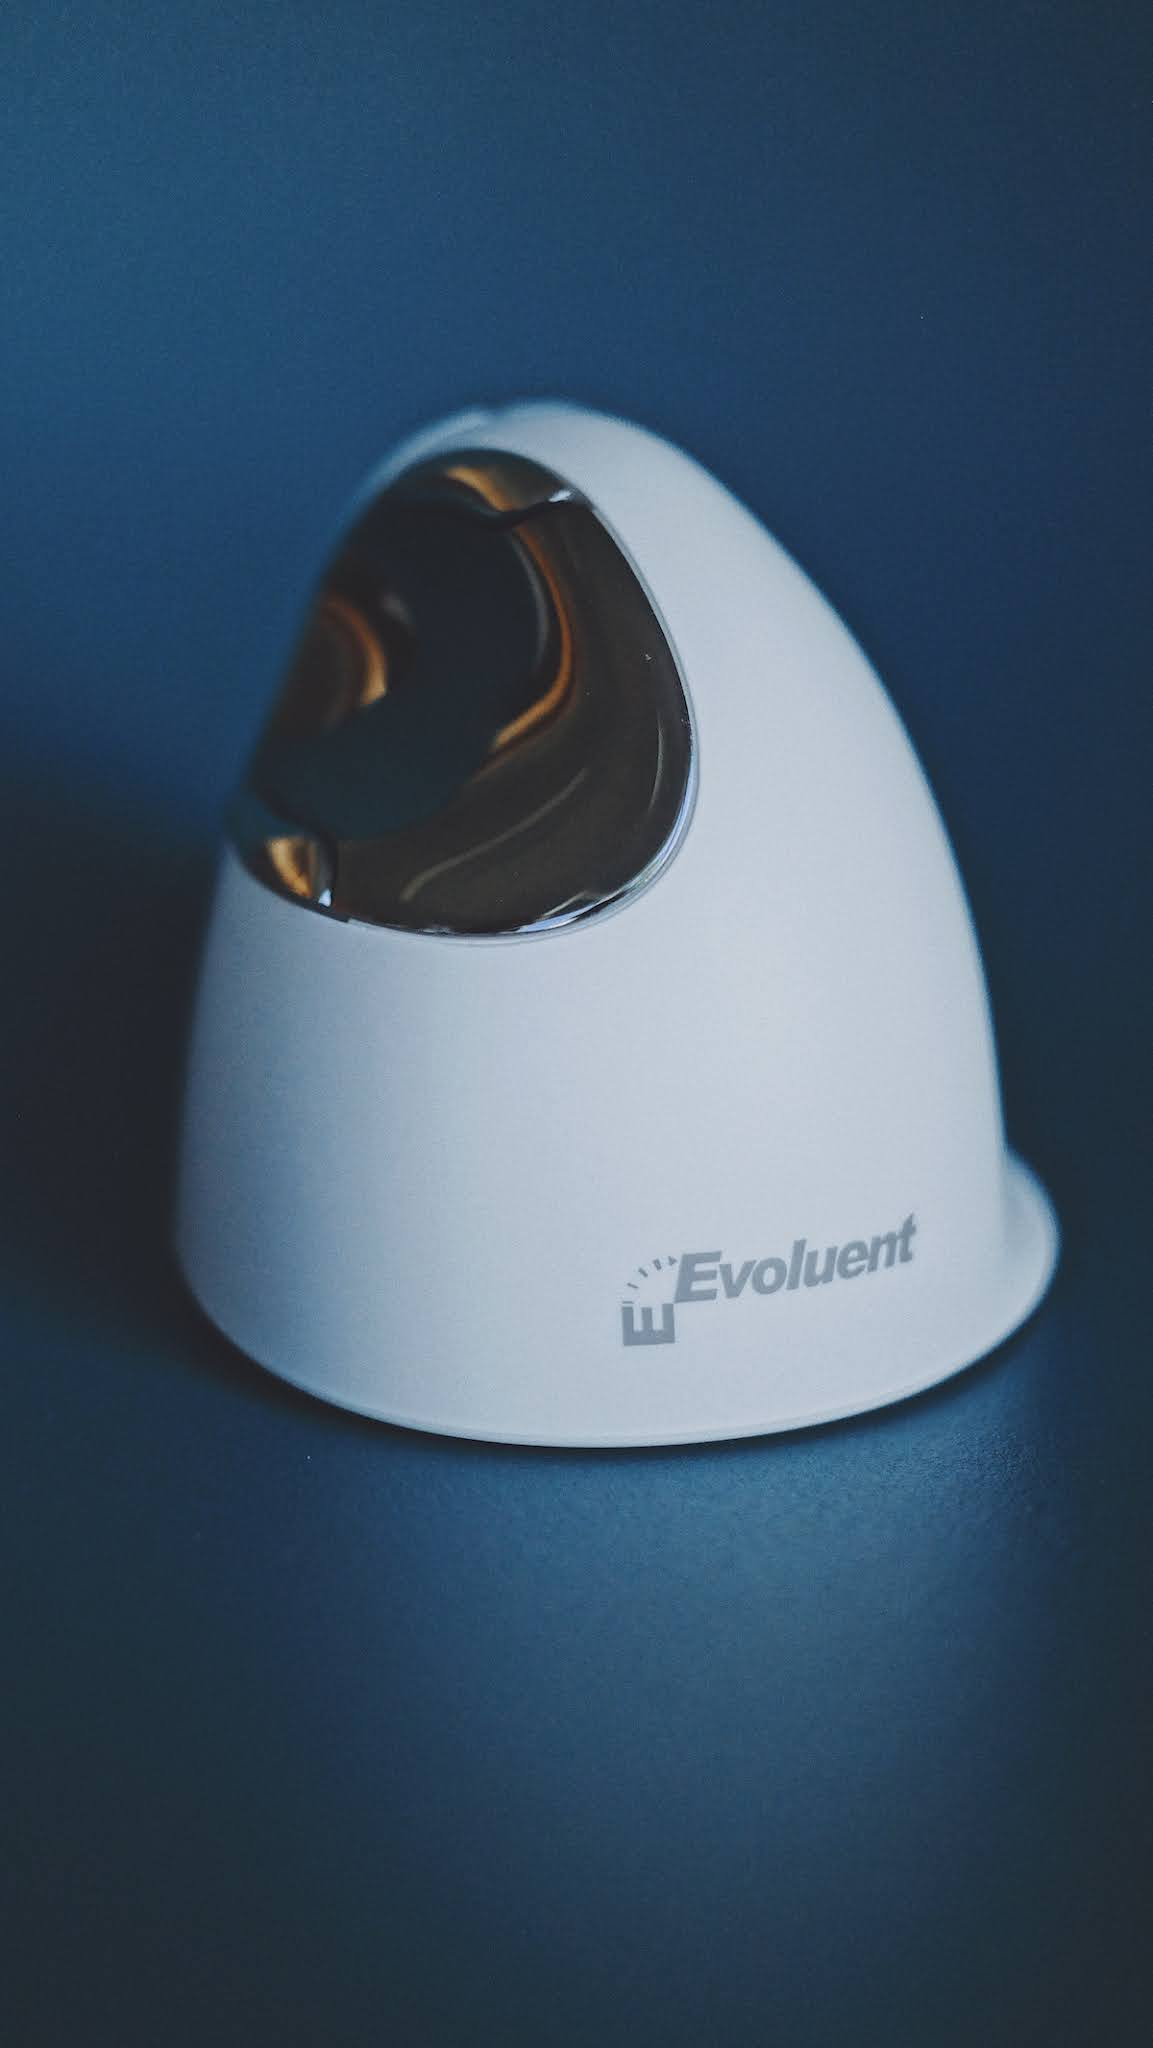 BakkerElkhuizen sorgt für ergonomische Lösungen am Computerarbeitsplatz   Evoluent4 BT Maus und das UltraBoard 950 Wireless im Closer Look